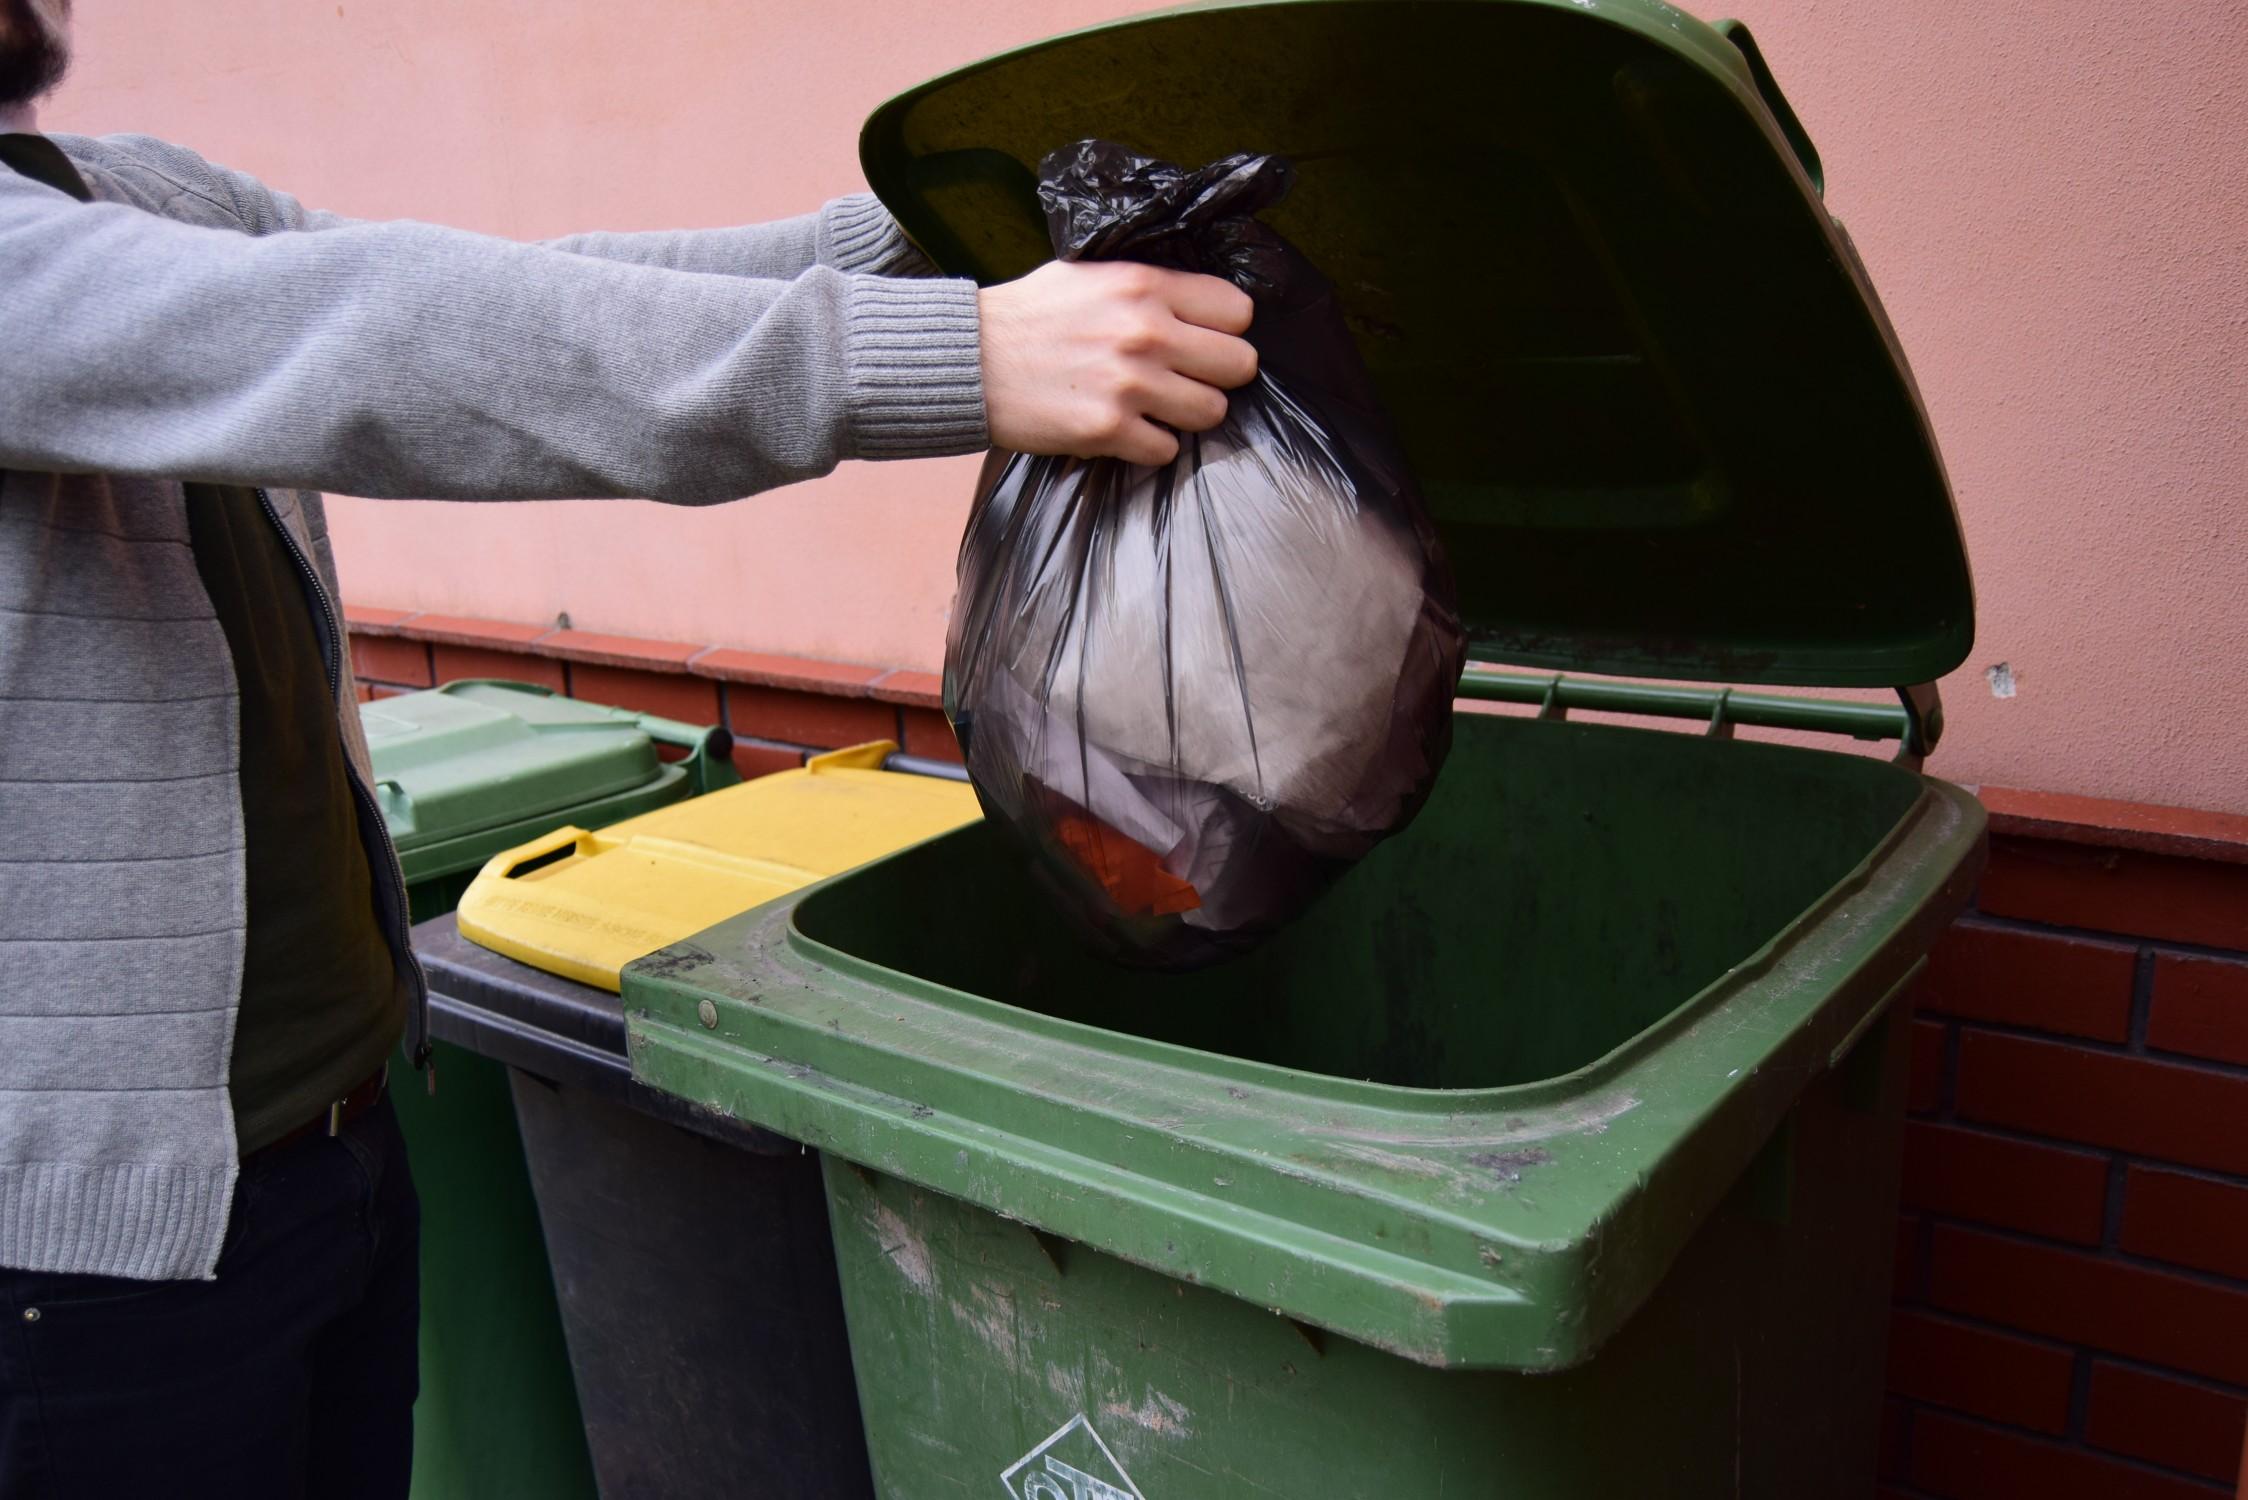 Gmina Majdan Królewski. Otwarcie przetargu na odbiór i zagospodarowanie odpadów komunalnych - Zdjęcie główne